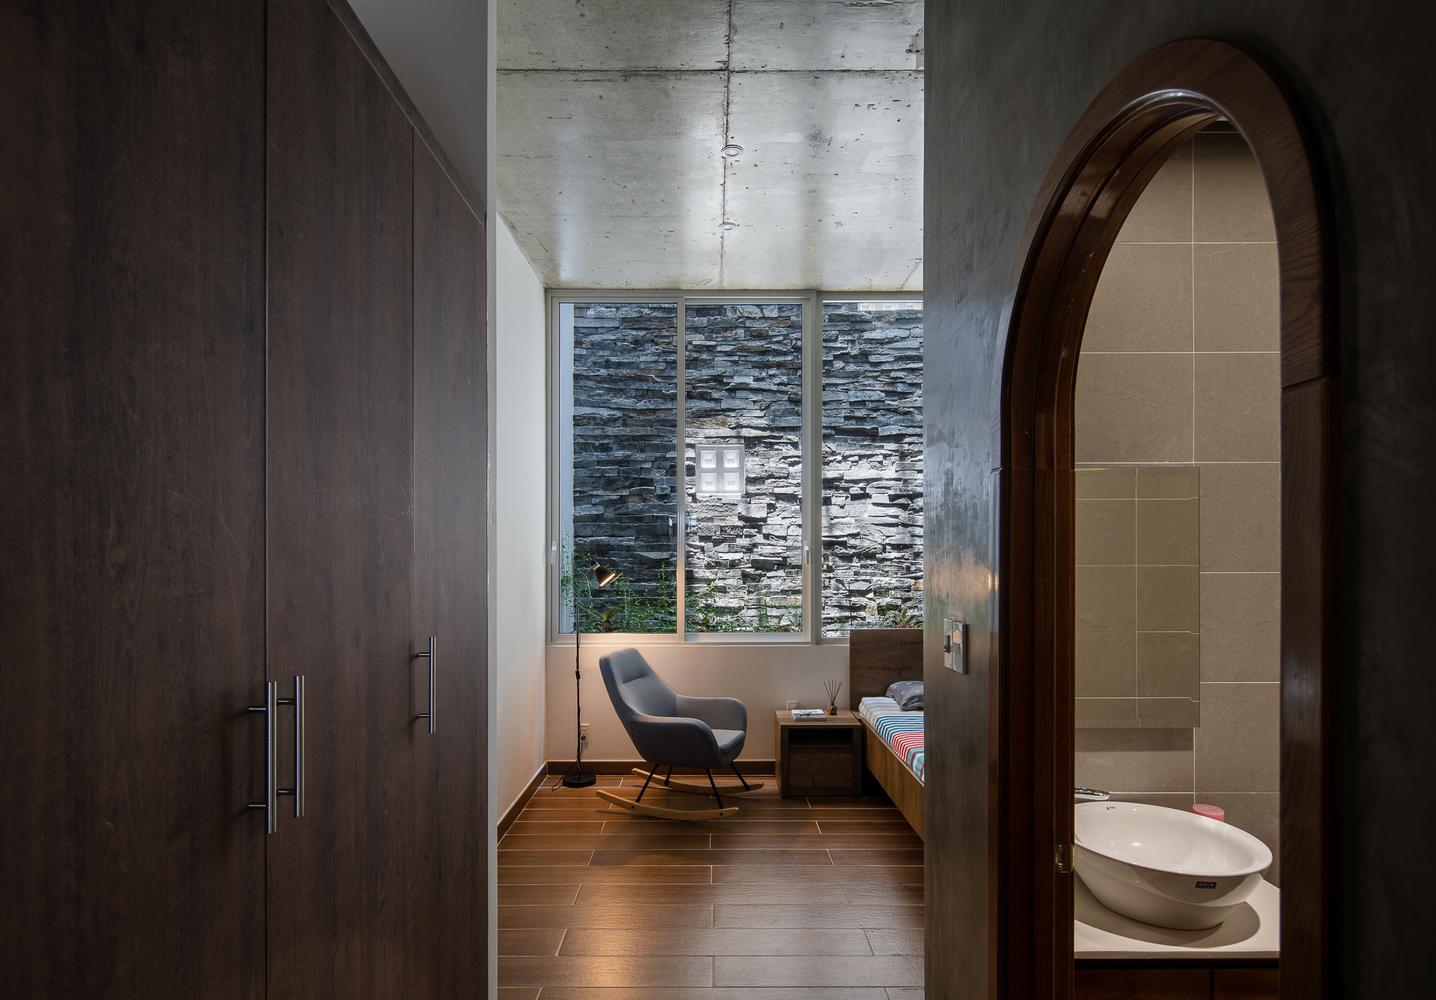 Vật liệu tự nhiên, nội thất tối giản tông màu trung tính tạo cảm giác thư giãn tối đa cho người dùng và phù hợp với điều kiện thời tiết nắng nóng.